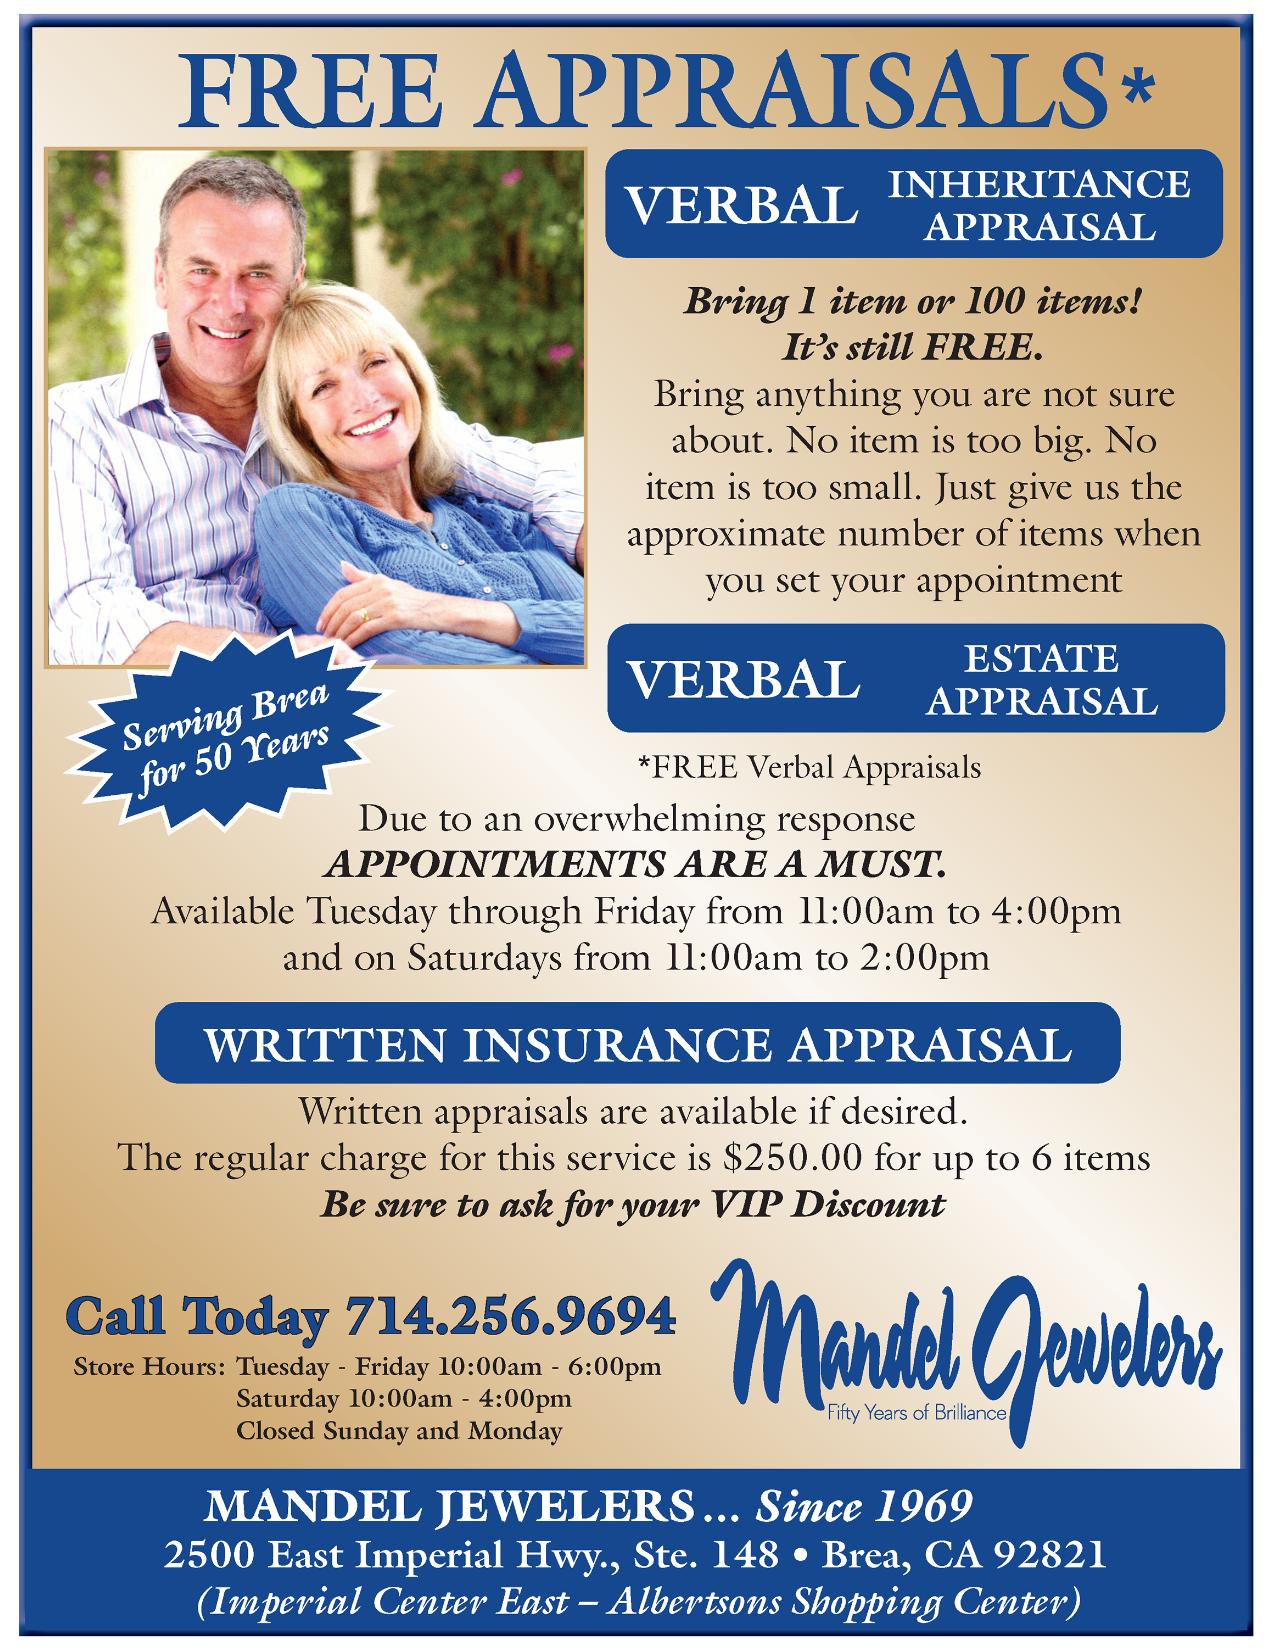 Free Appraisals